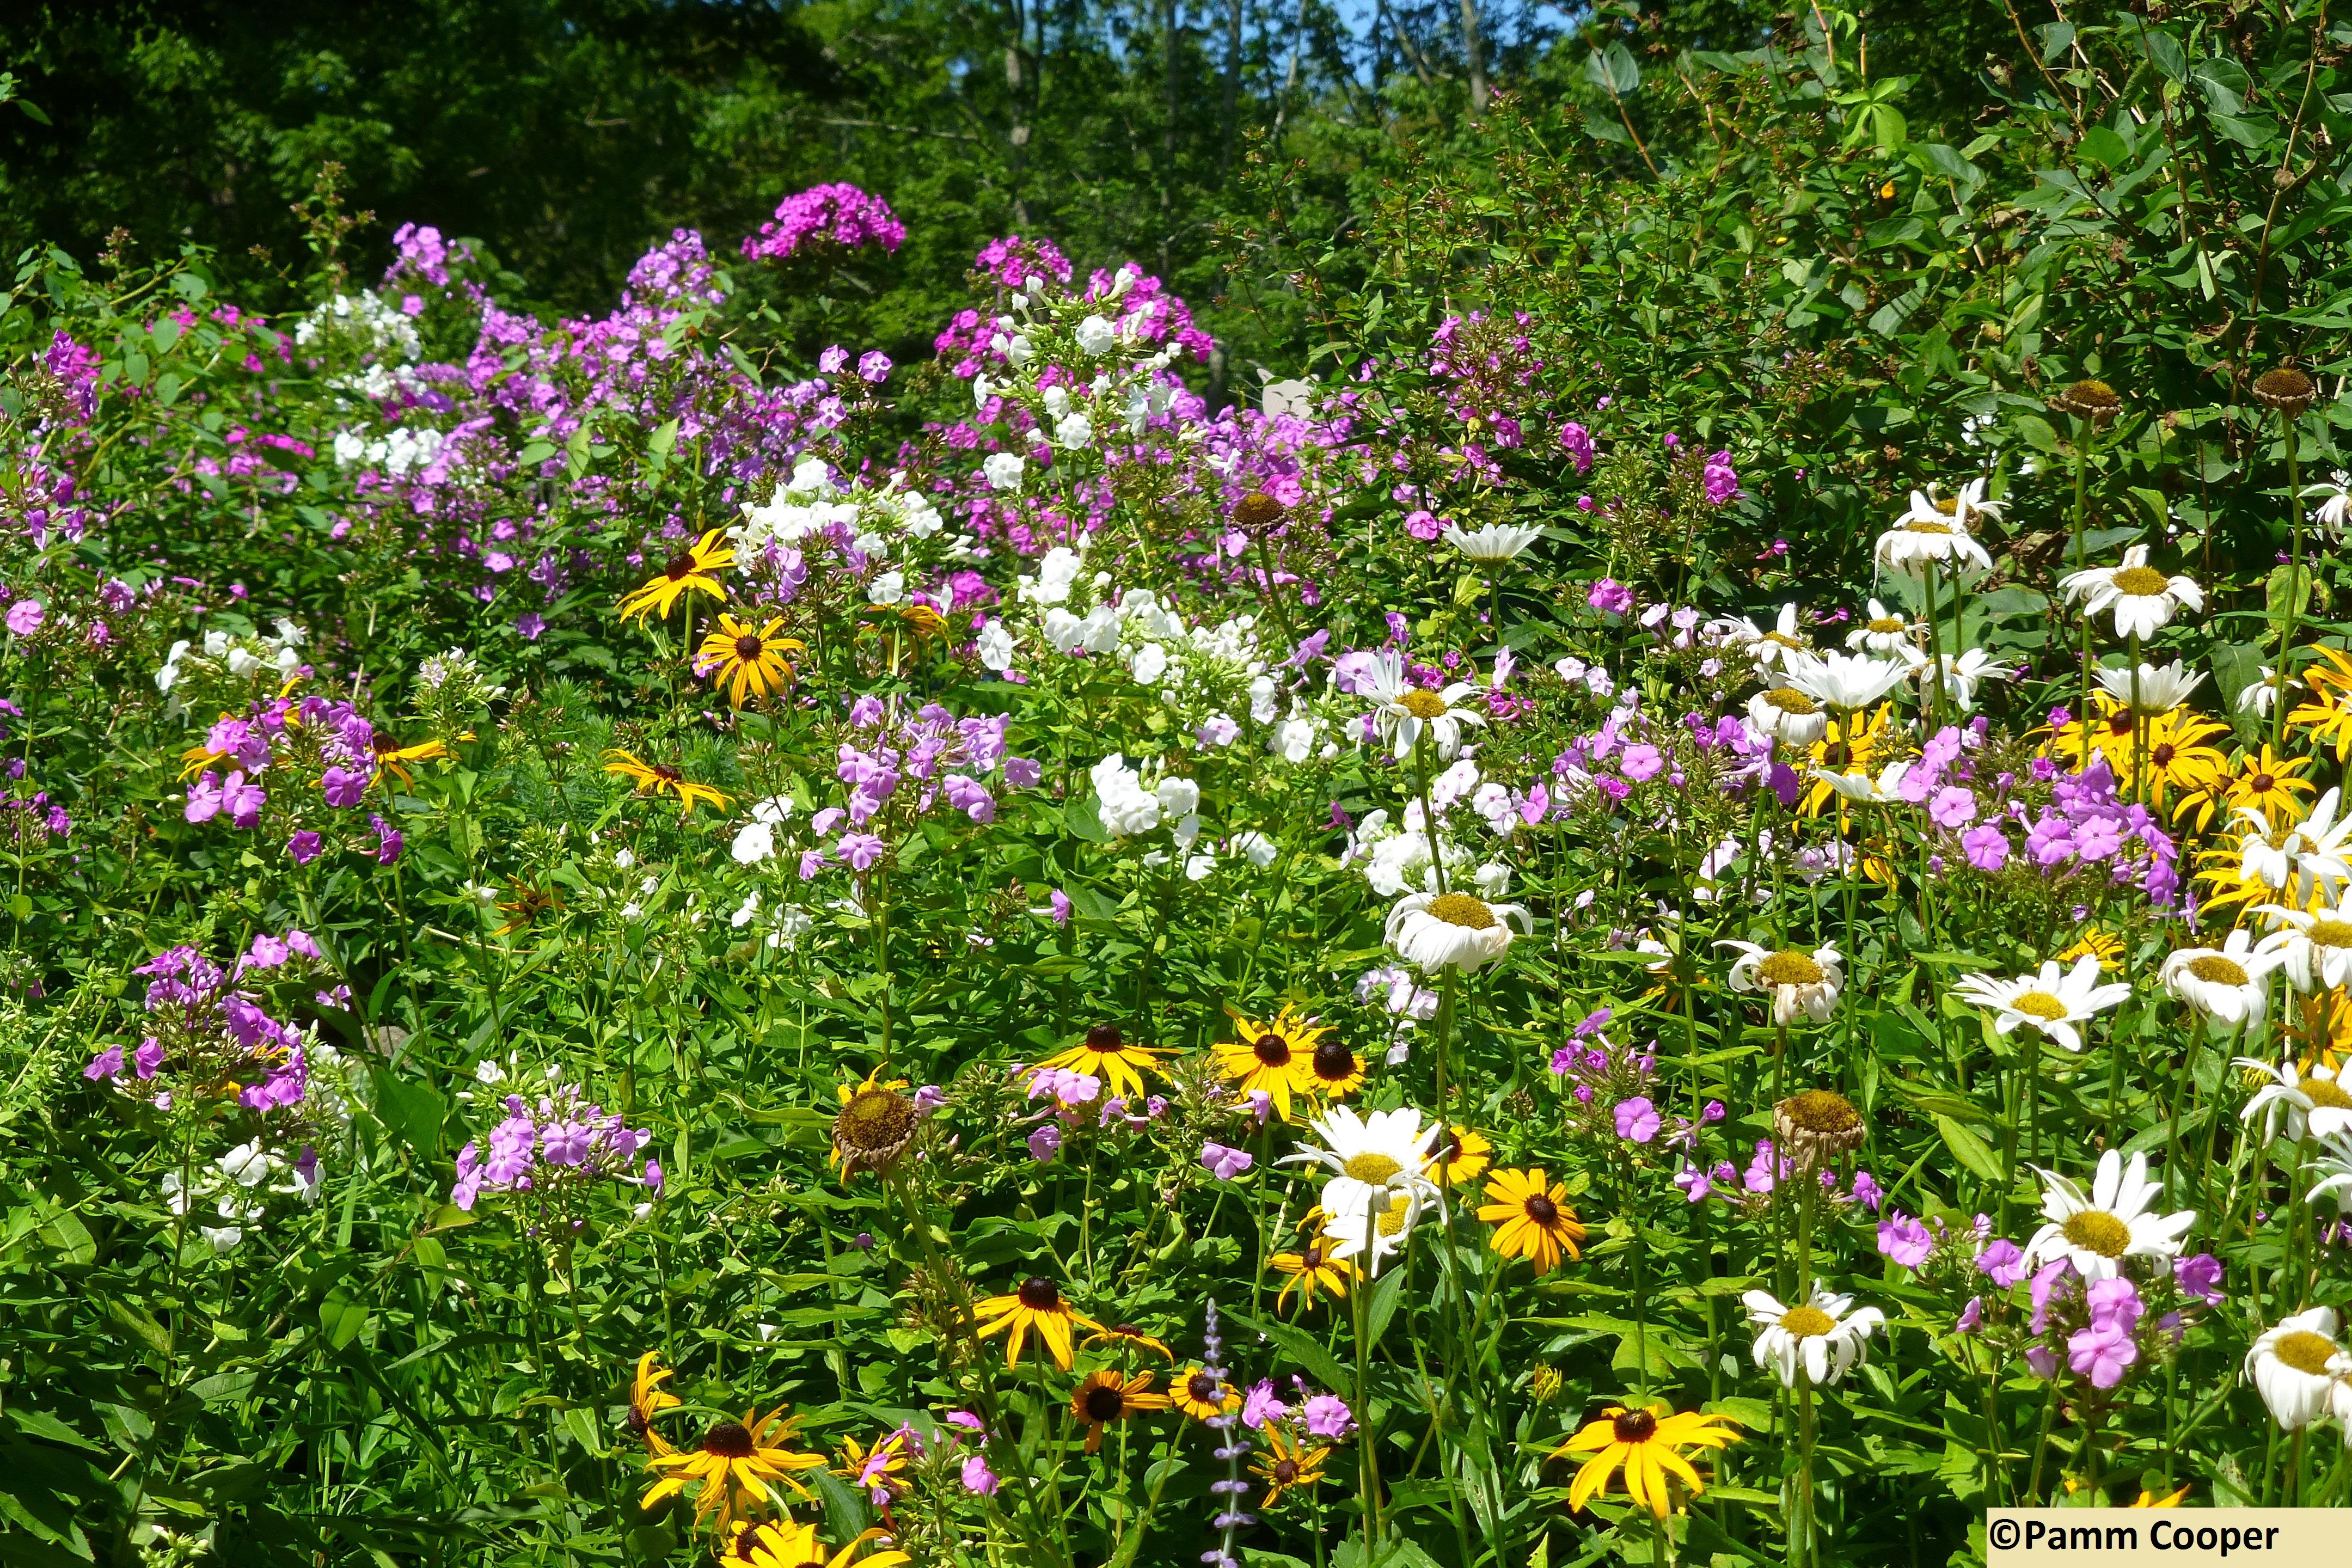 fabulous garden- summer phlox, rudbeckia, daisies